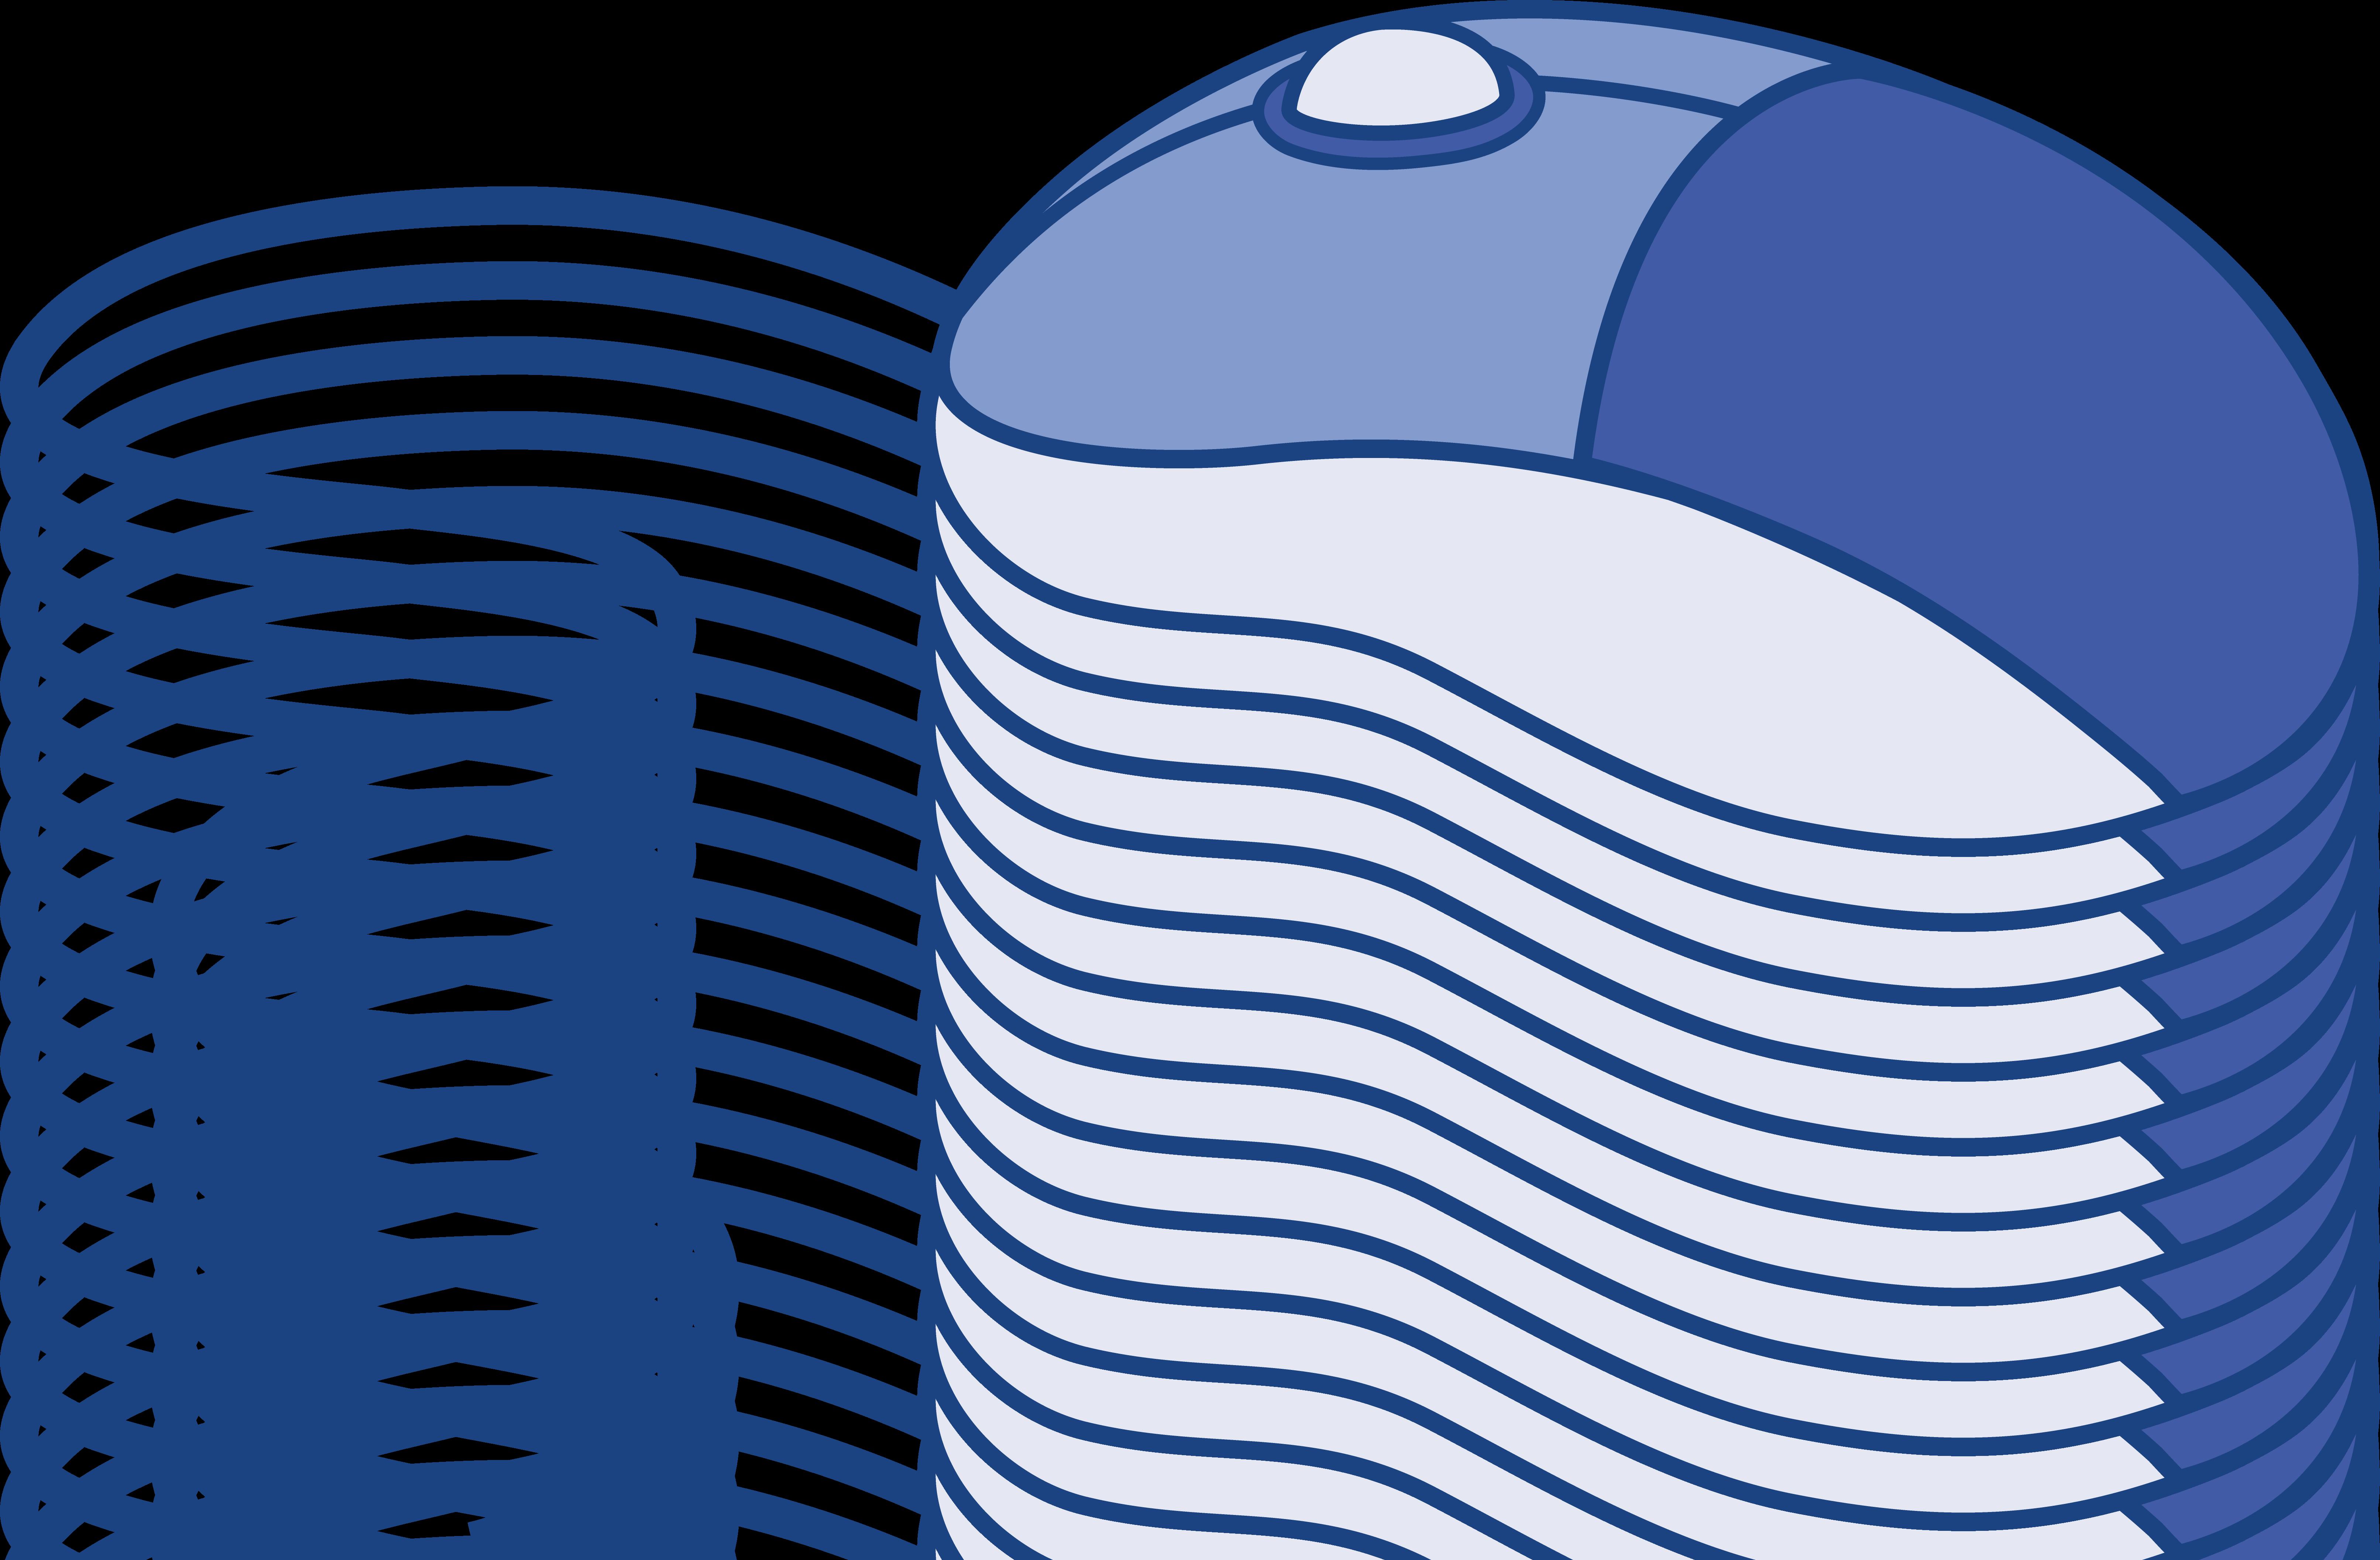 Blue Computer Mouse.